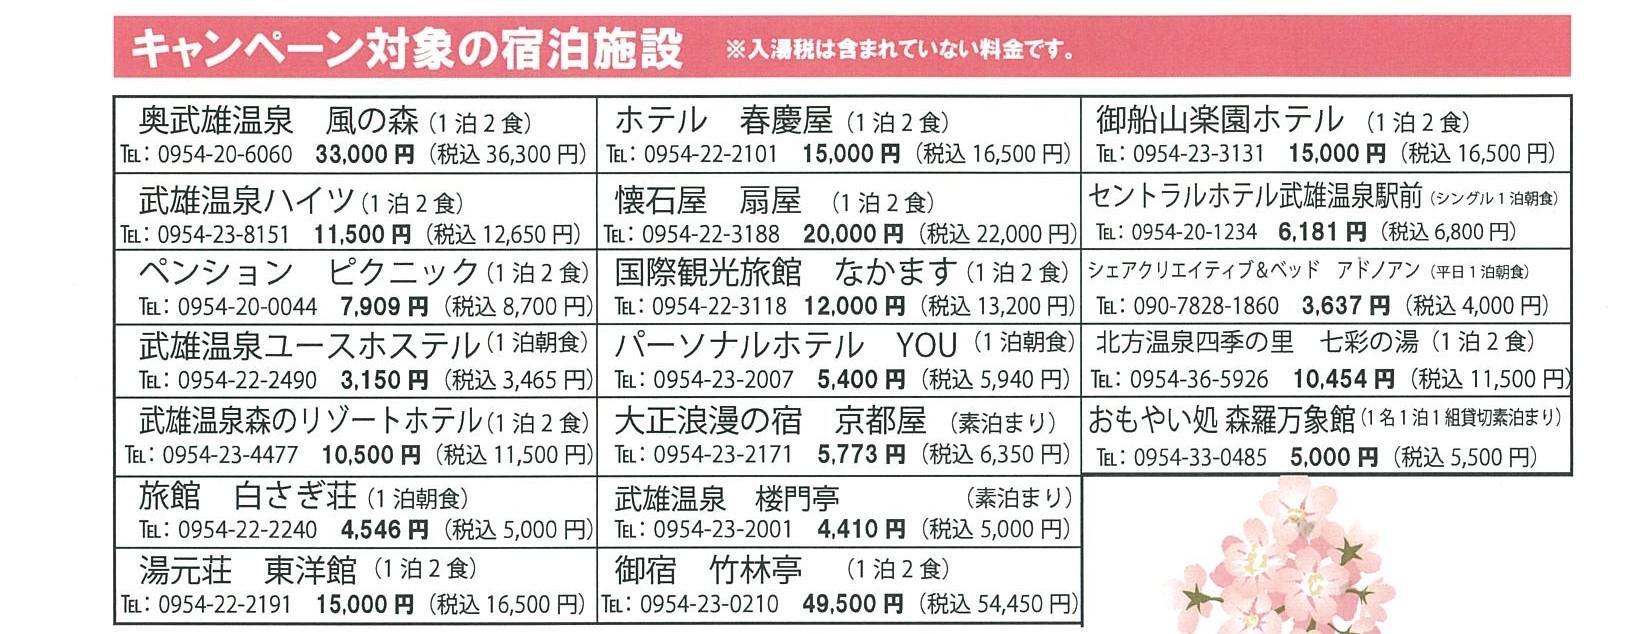 http://www.takeo-kk.net/news/uploads/20210323134708-0001%20-%20%E3%82%B3%E3%83%94%E3%83%BC.jpg